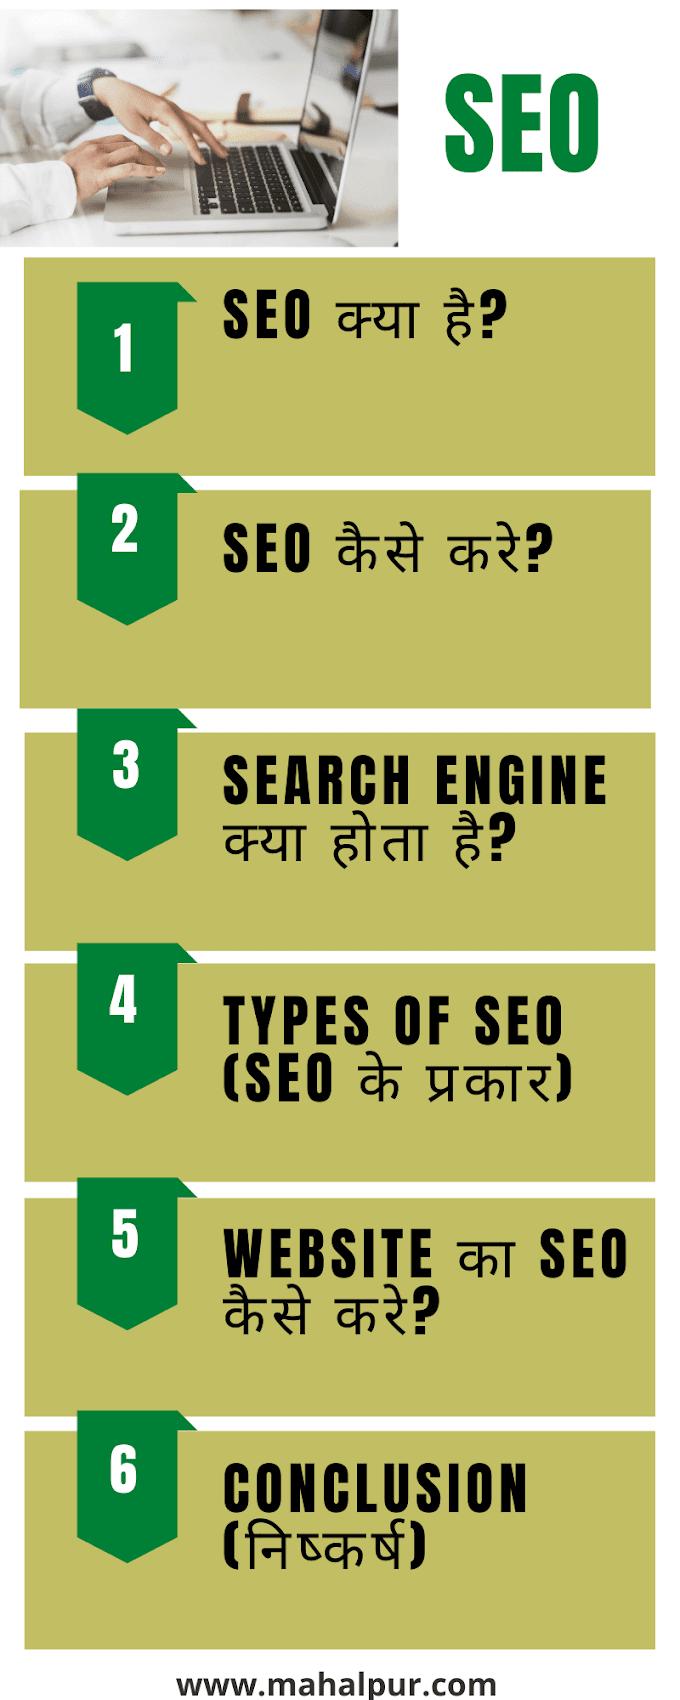 New What is SEO in Hindi (SEO क्या है) 2021: Very Useful